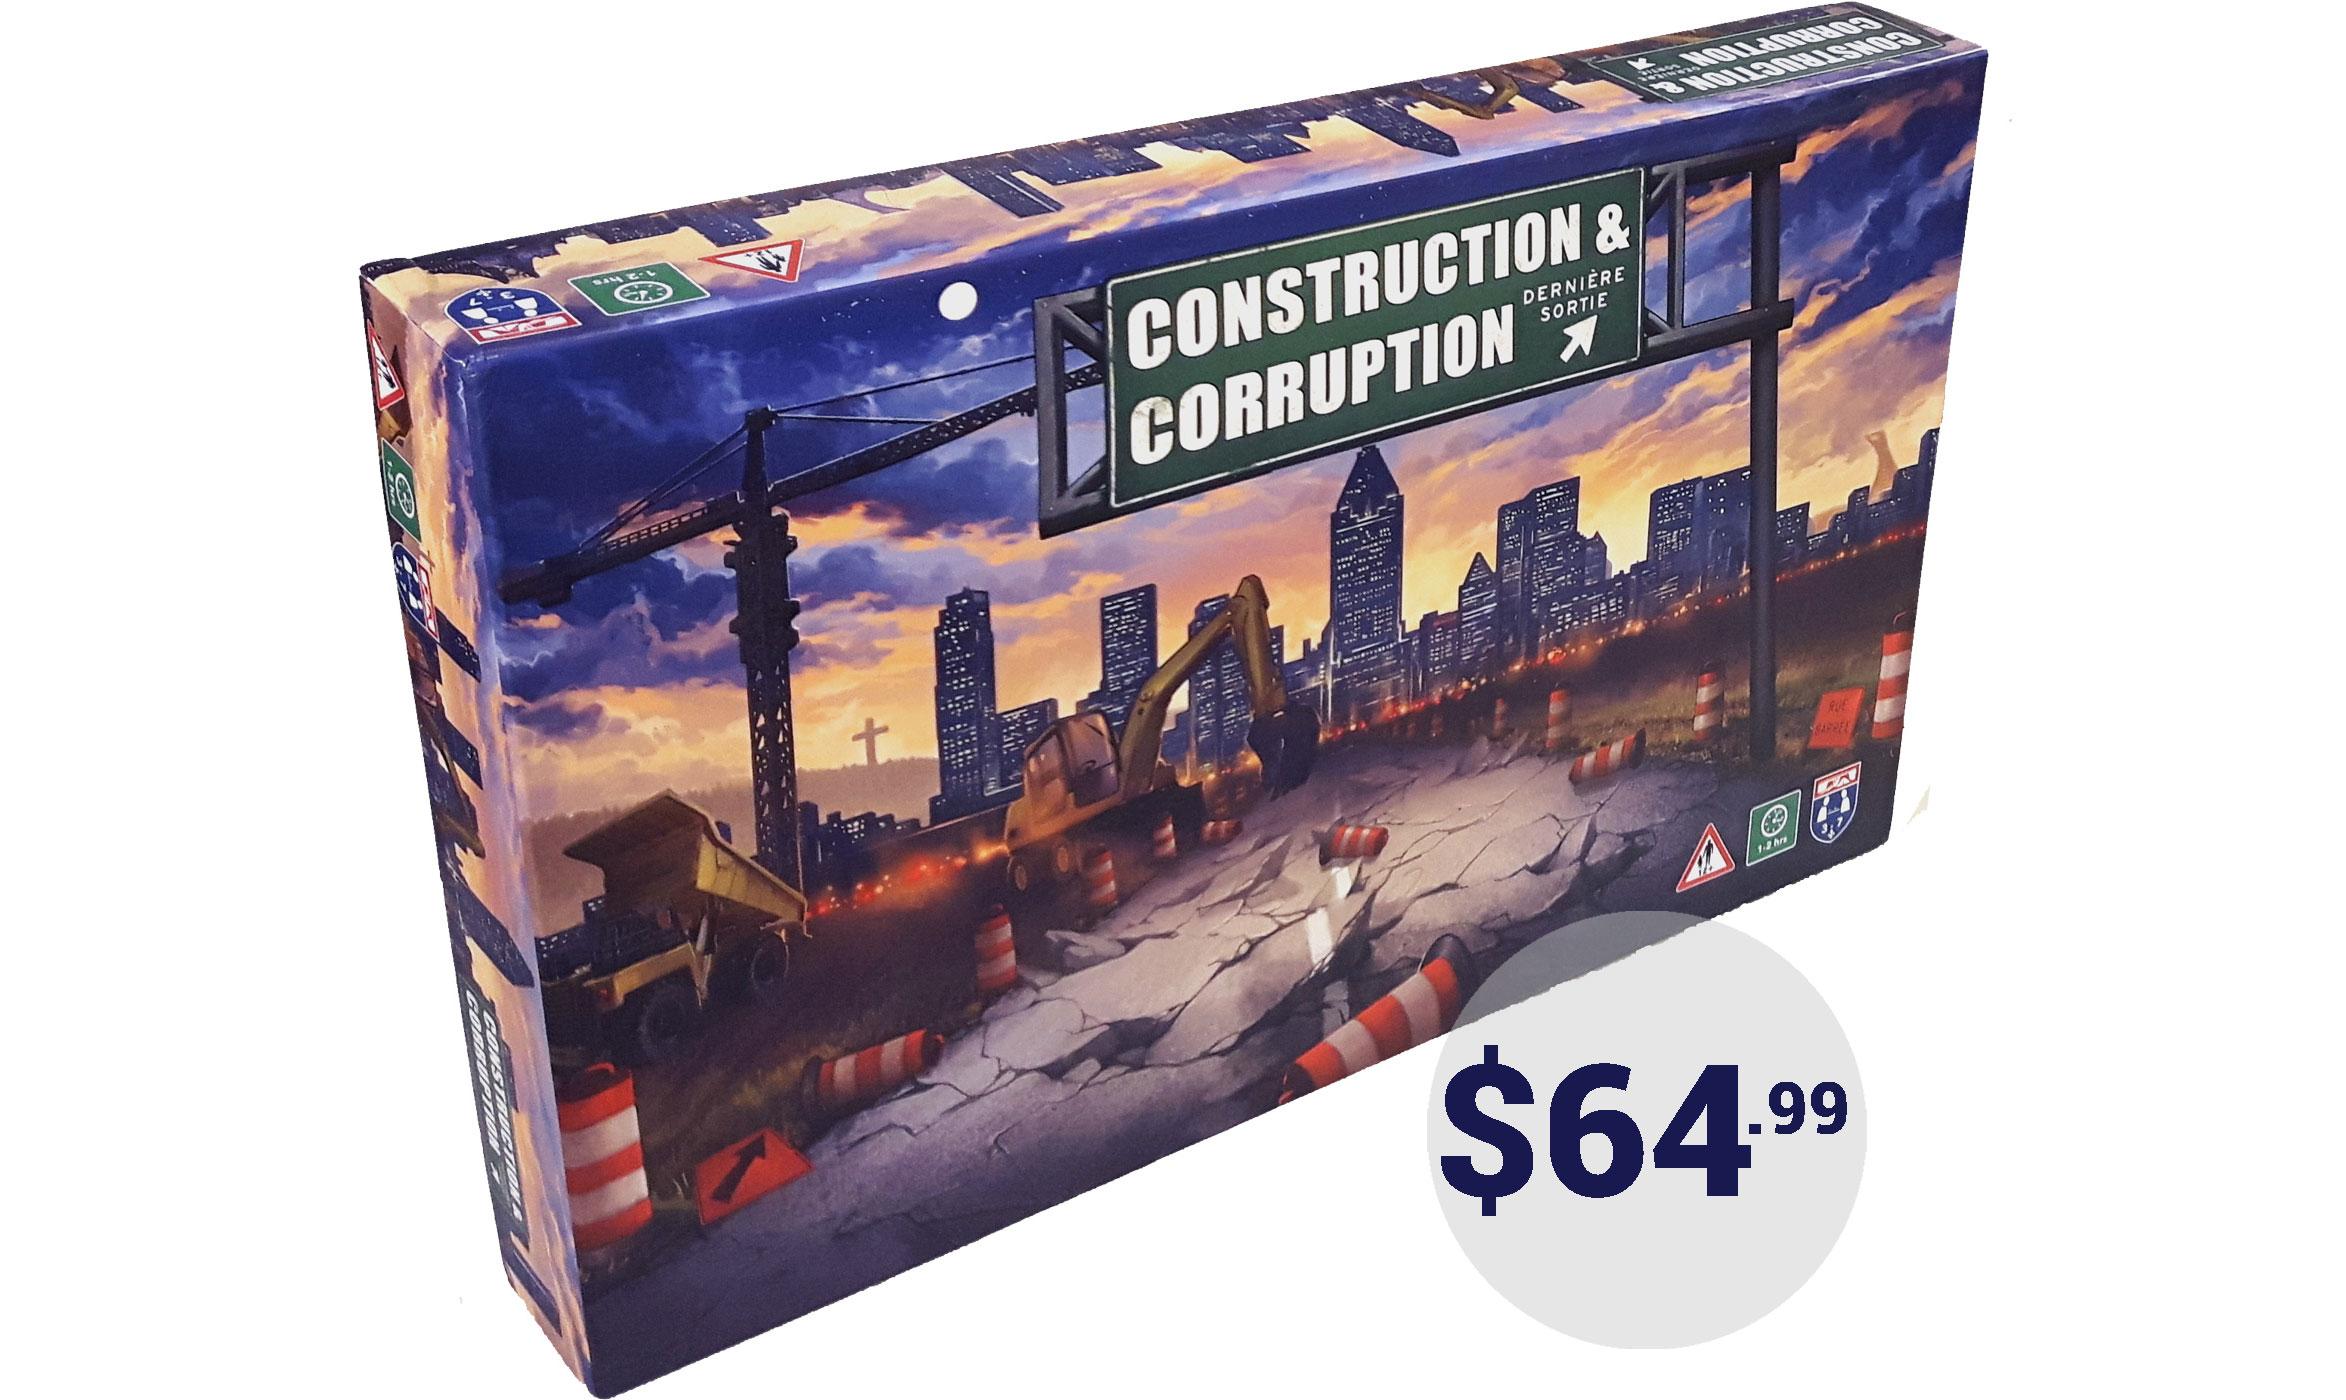 Construction + Corruption